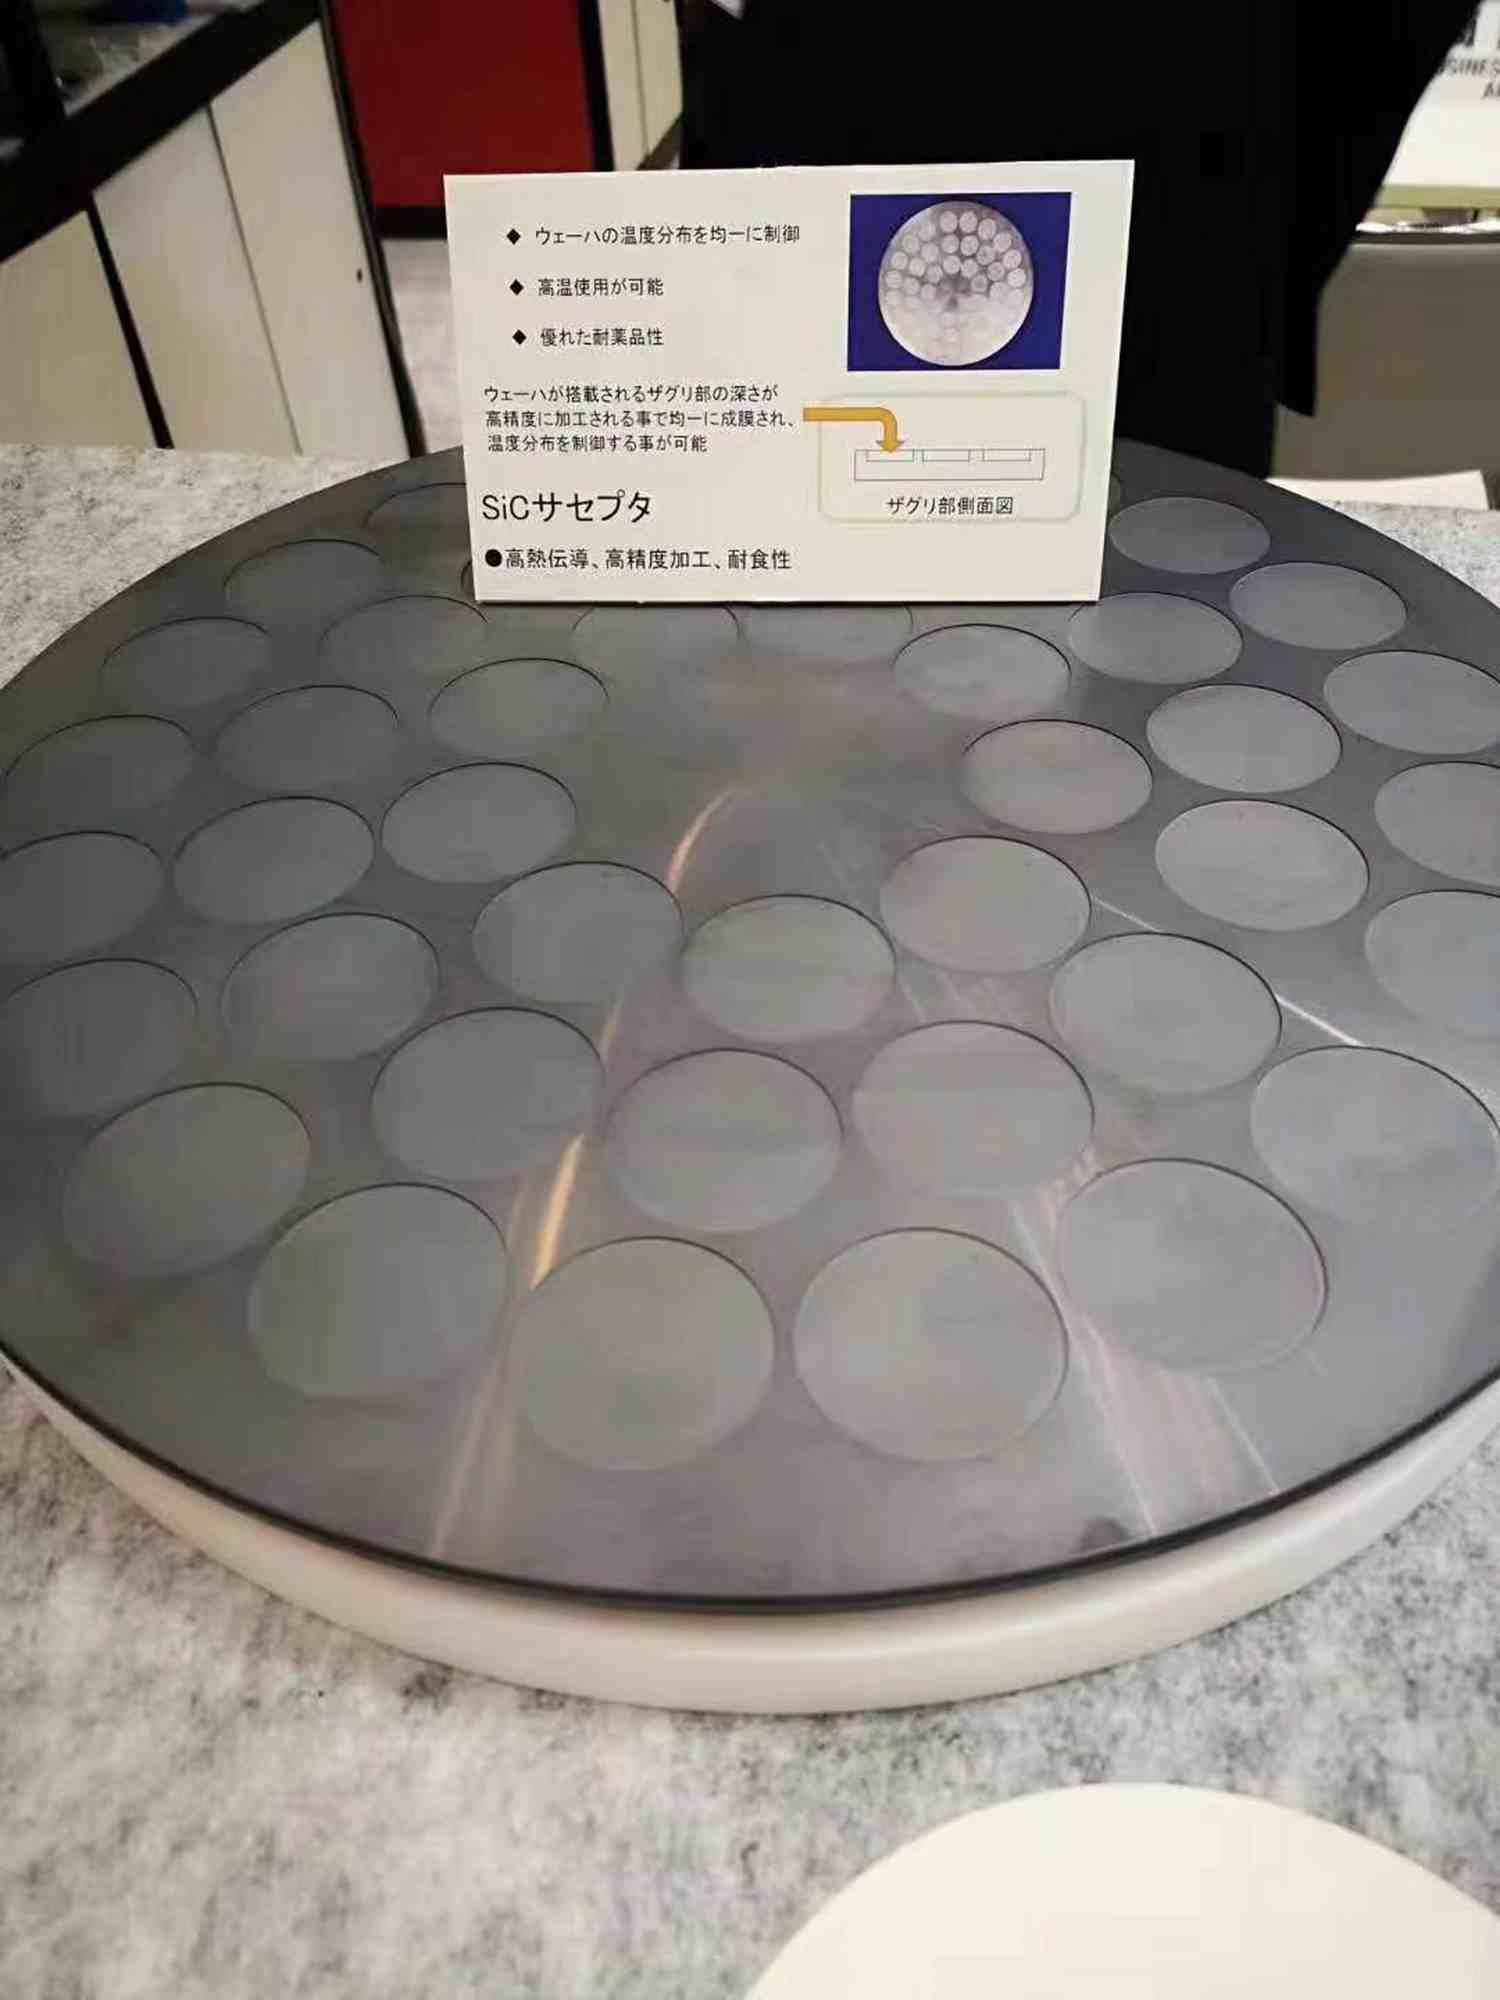 深圳晶圆运送机械吸臂价格便宜,晶圆运送机械吸臂